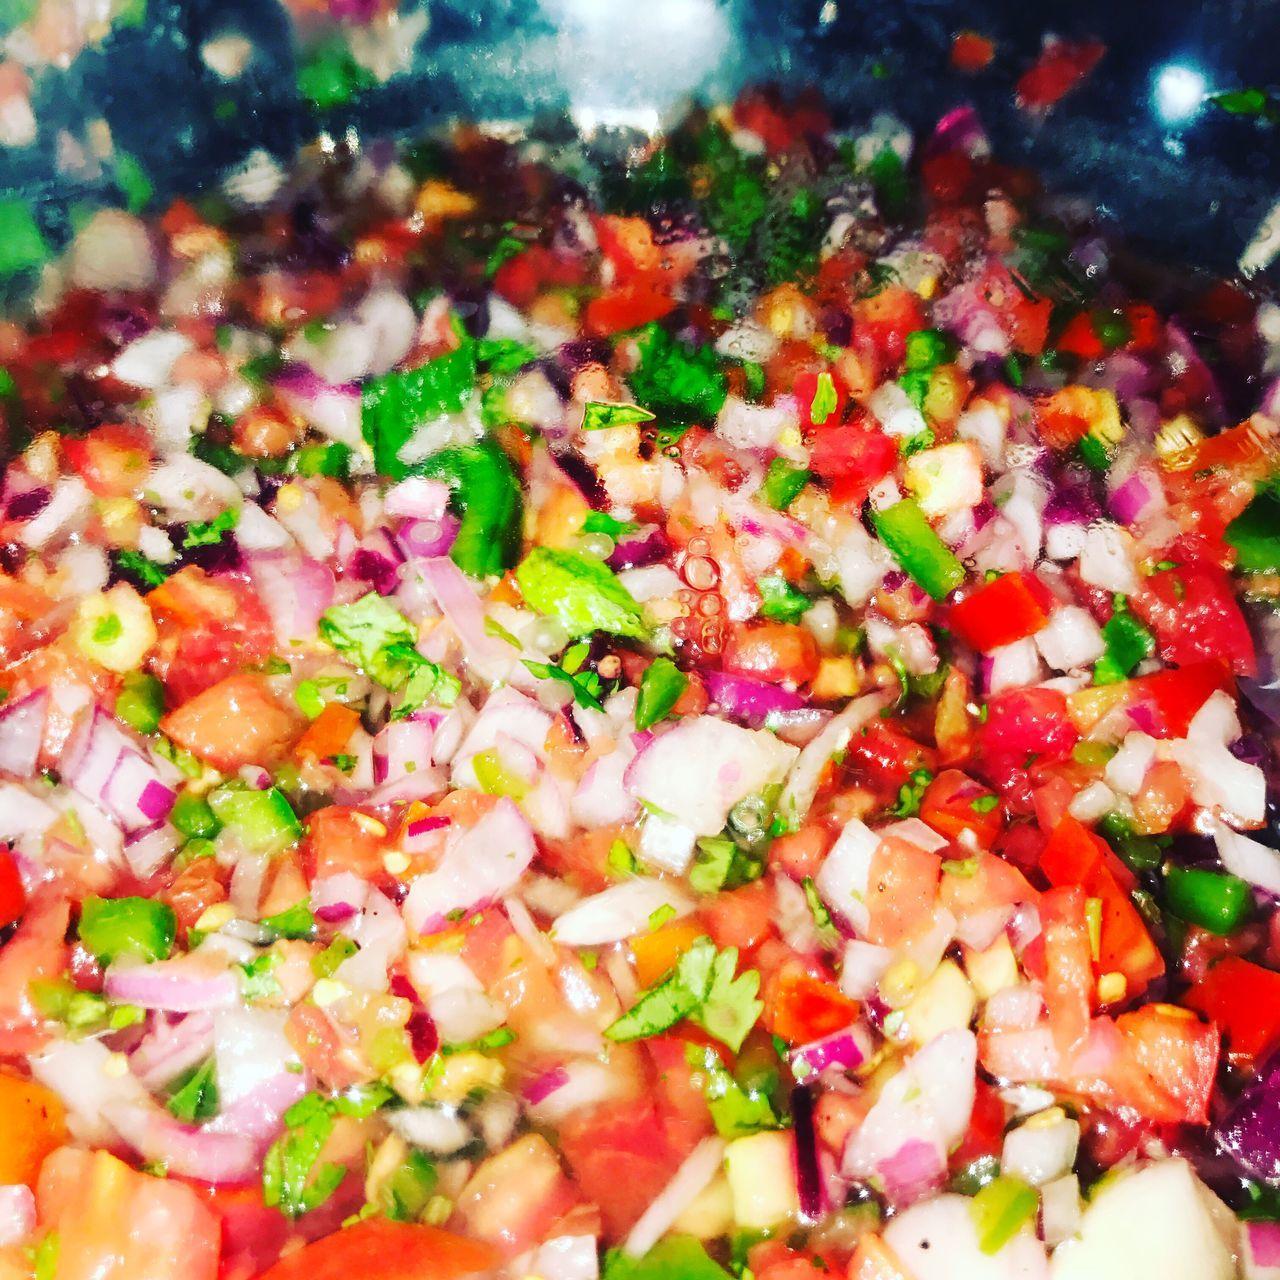 Chimol Honduras Salad